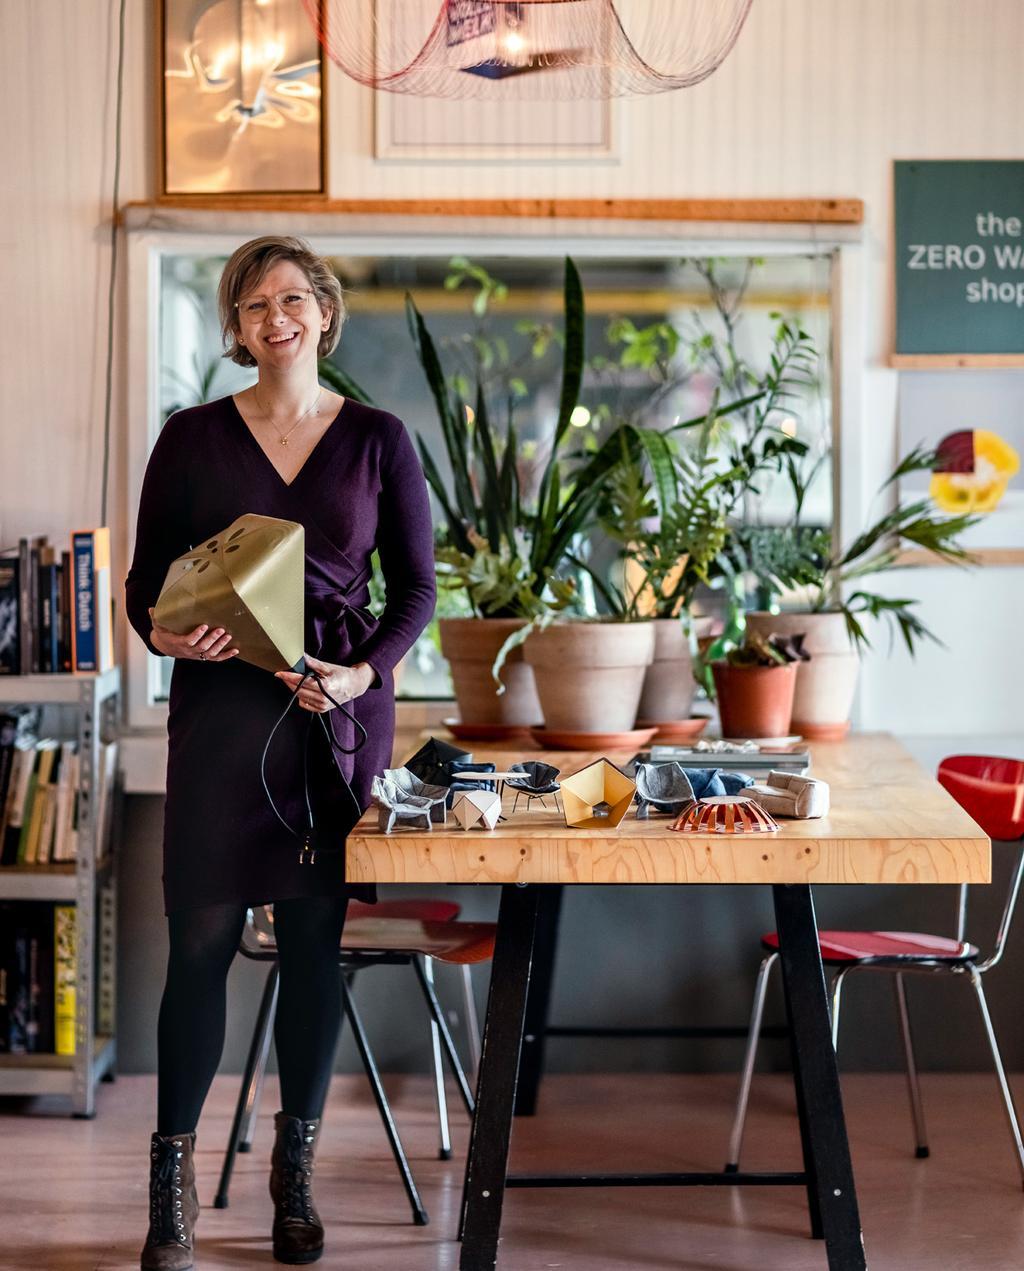 vtwonen 06-2021 | Susanne met modieuze lampen bij de werktafel